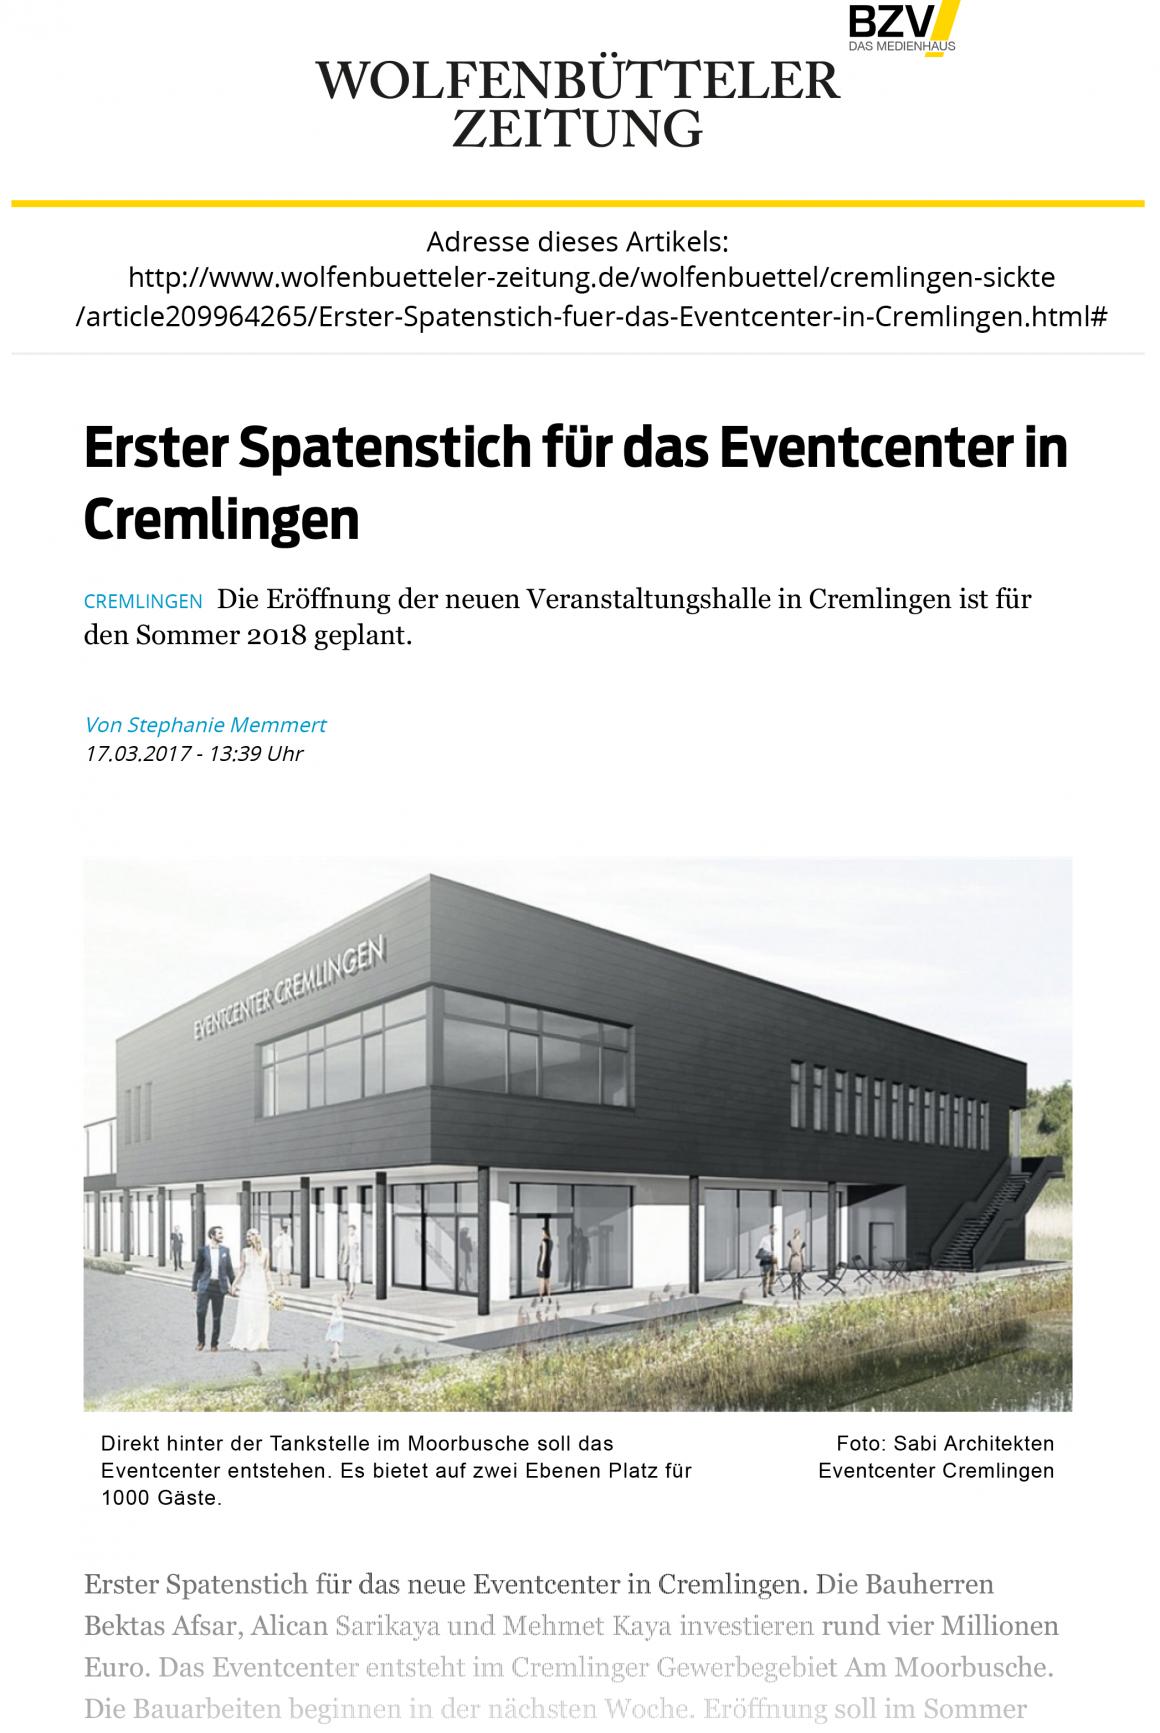 Wolfenbütteler Zeitung